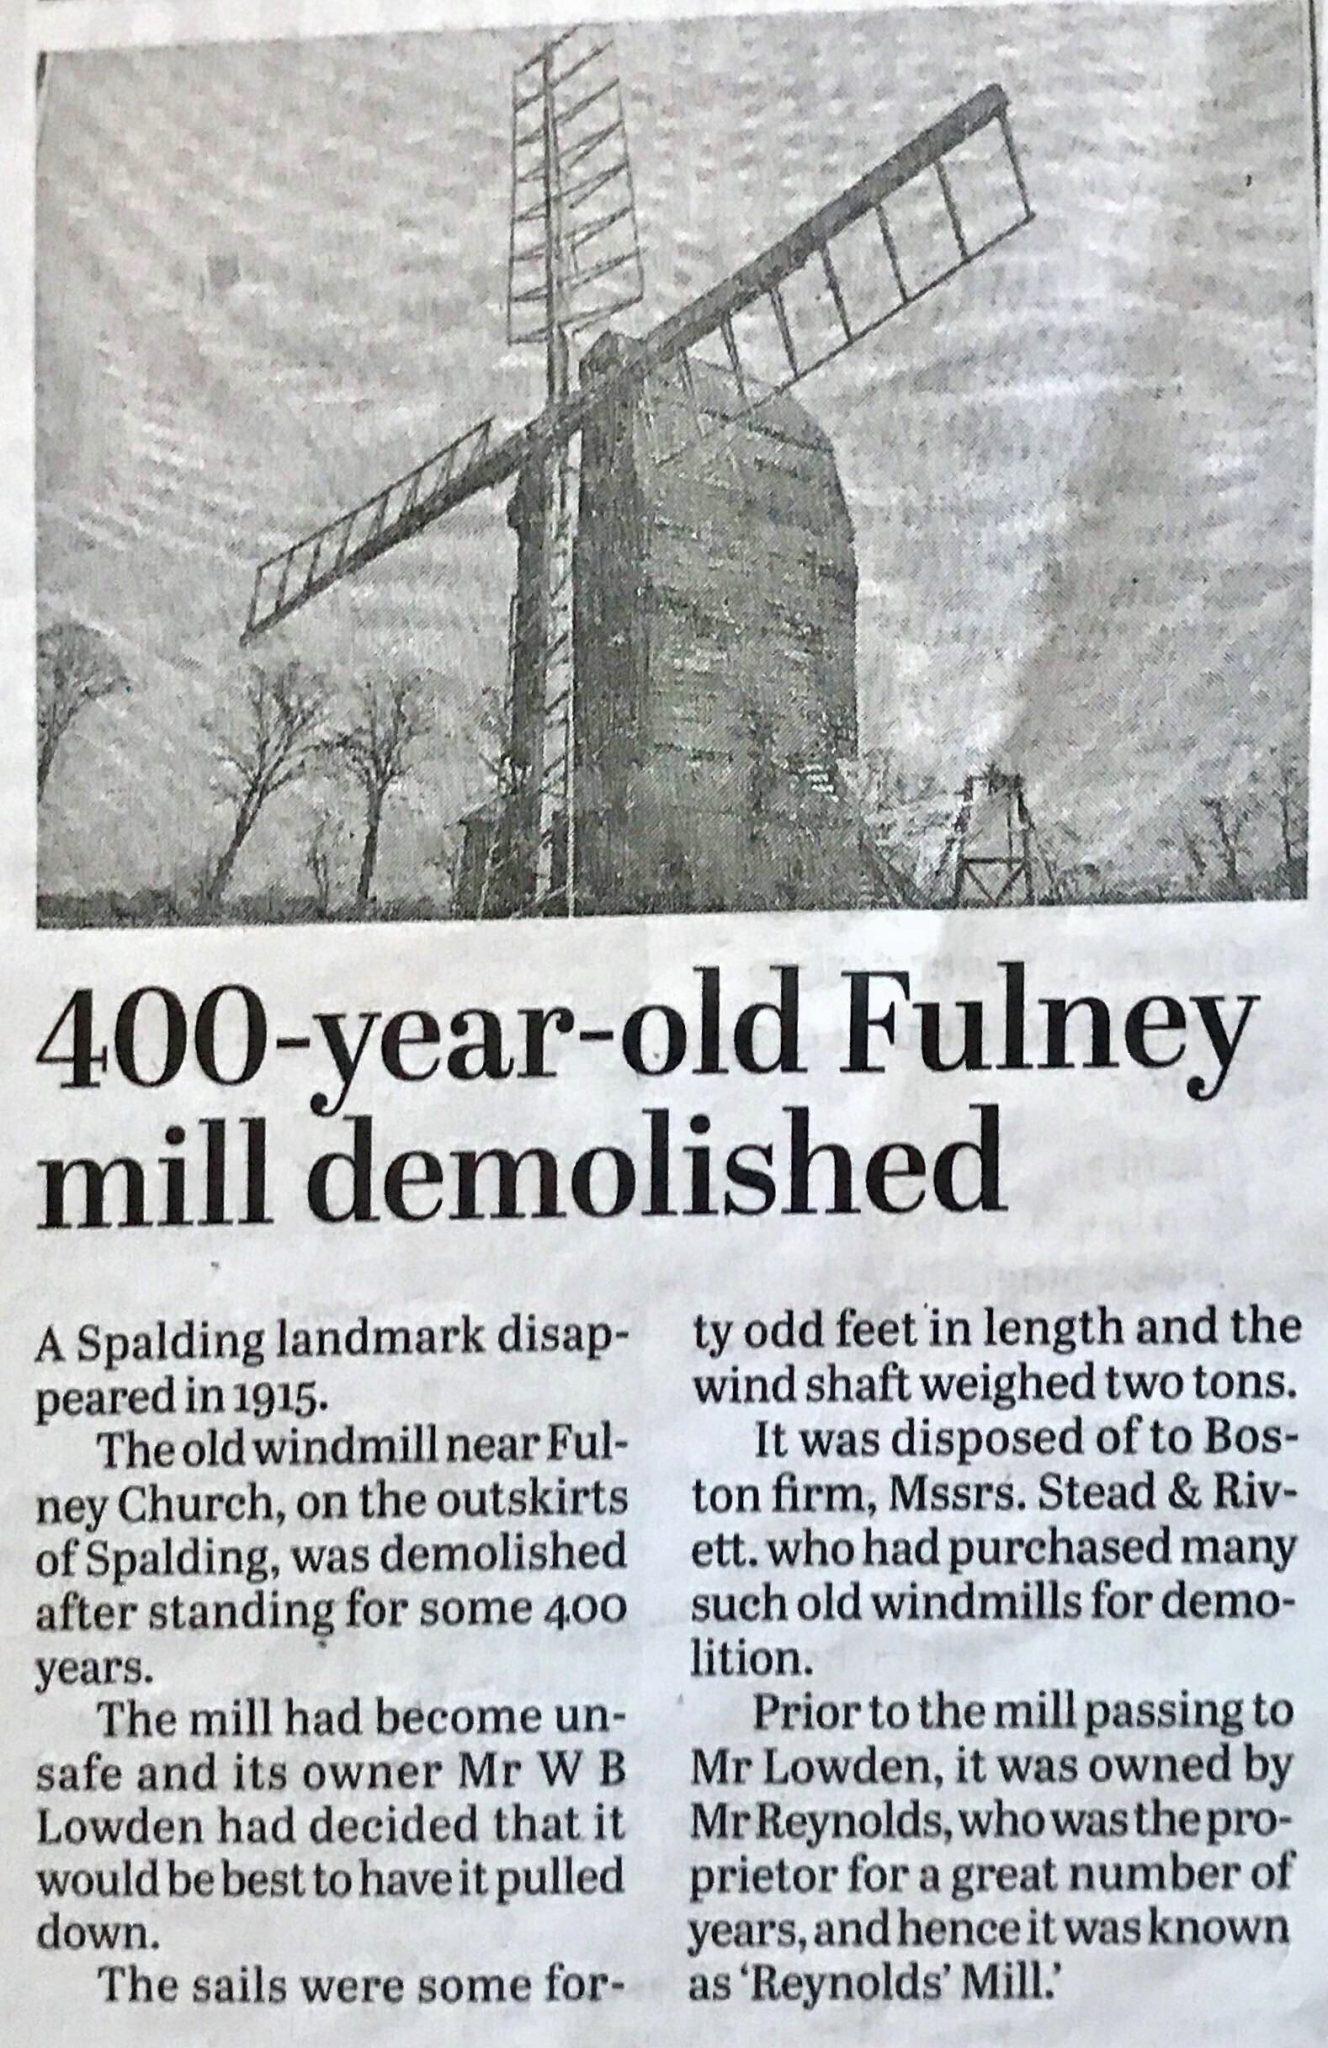 Fulney Mill